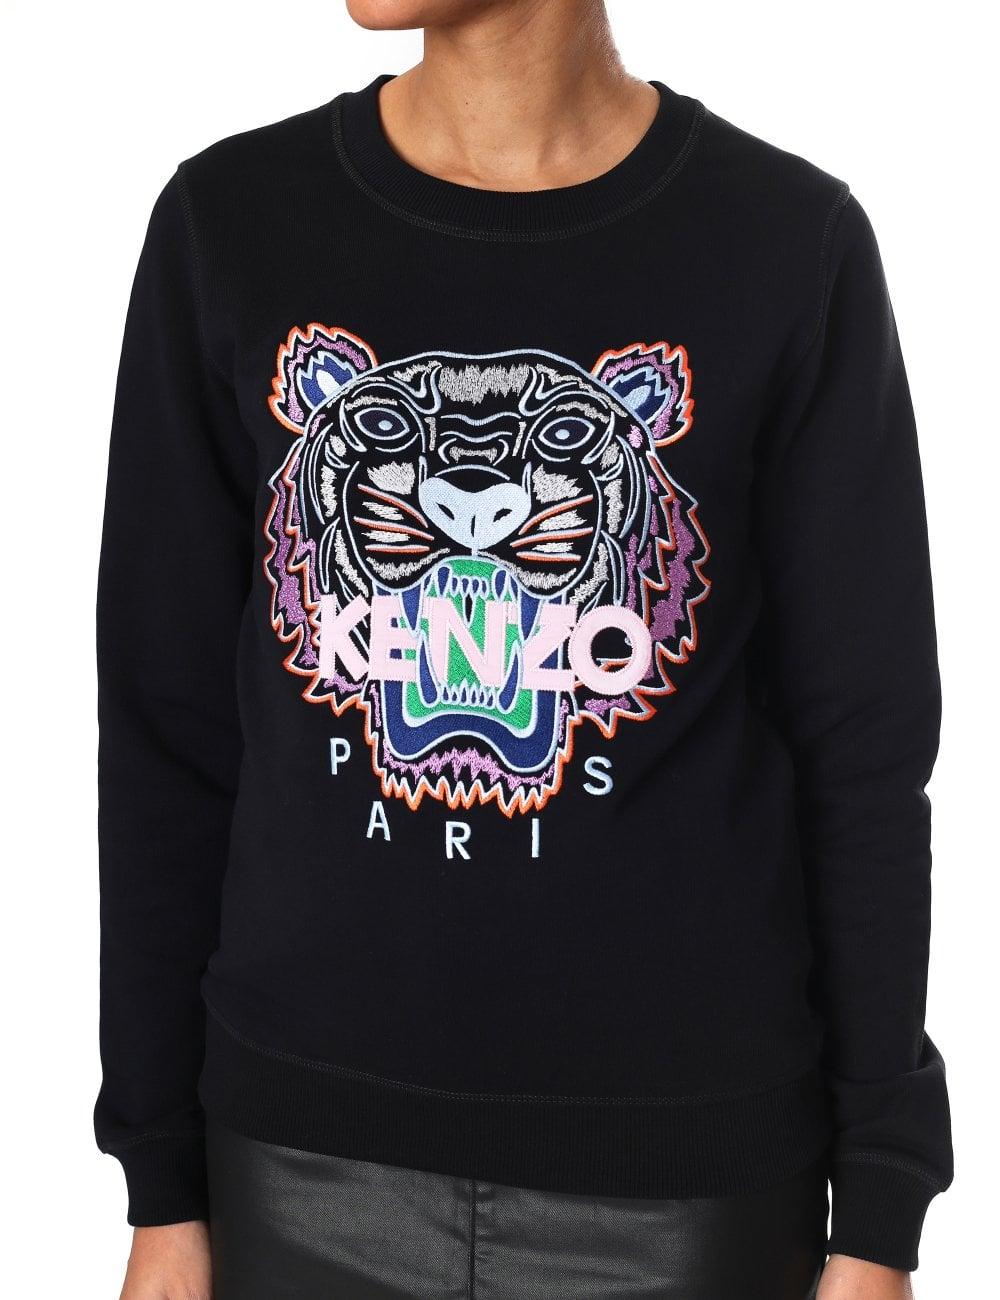 6ef0bfdac455 Kenzo Women's Long Sleeve Tiger Sweatshirt